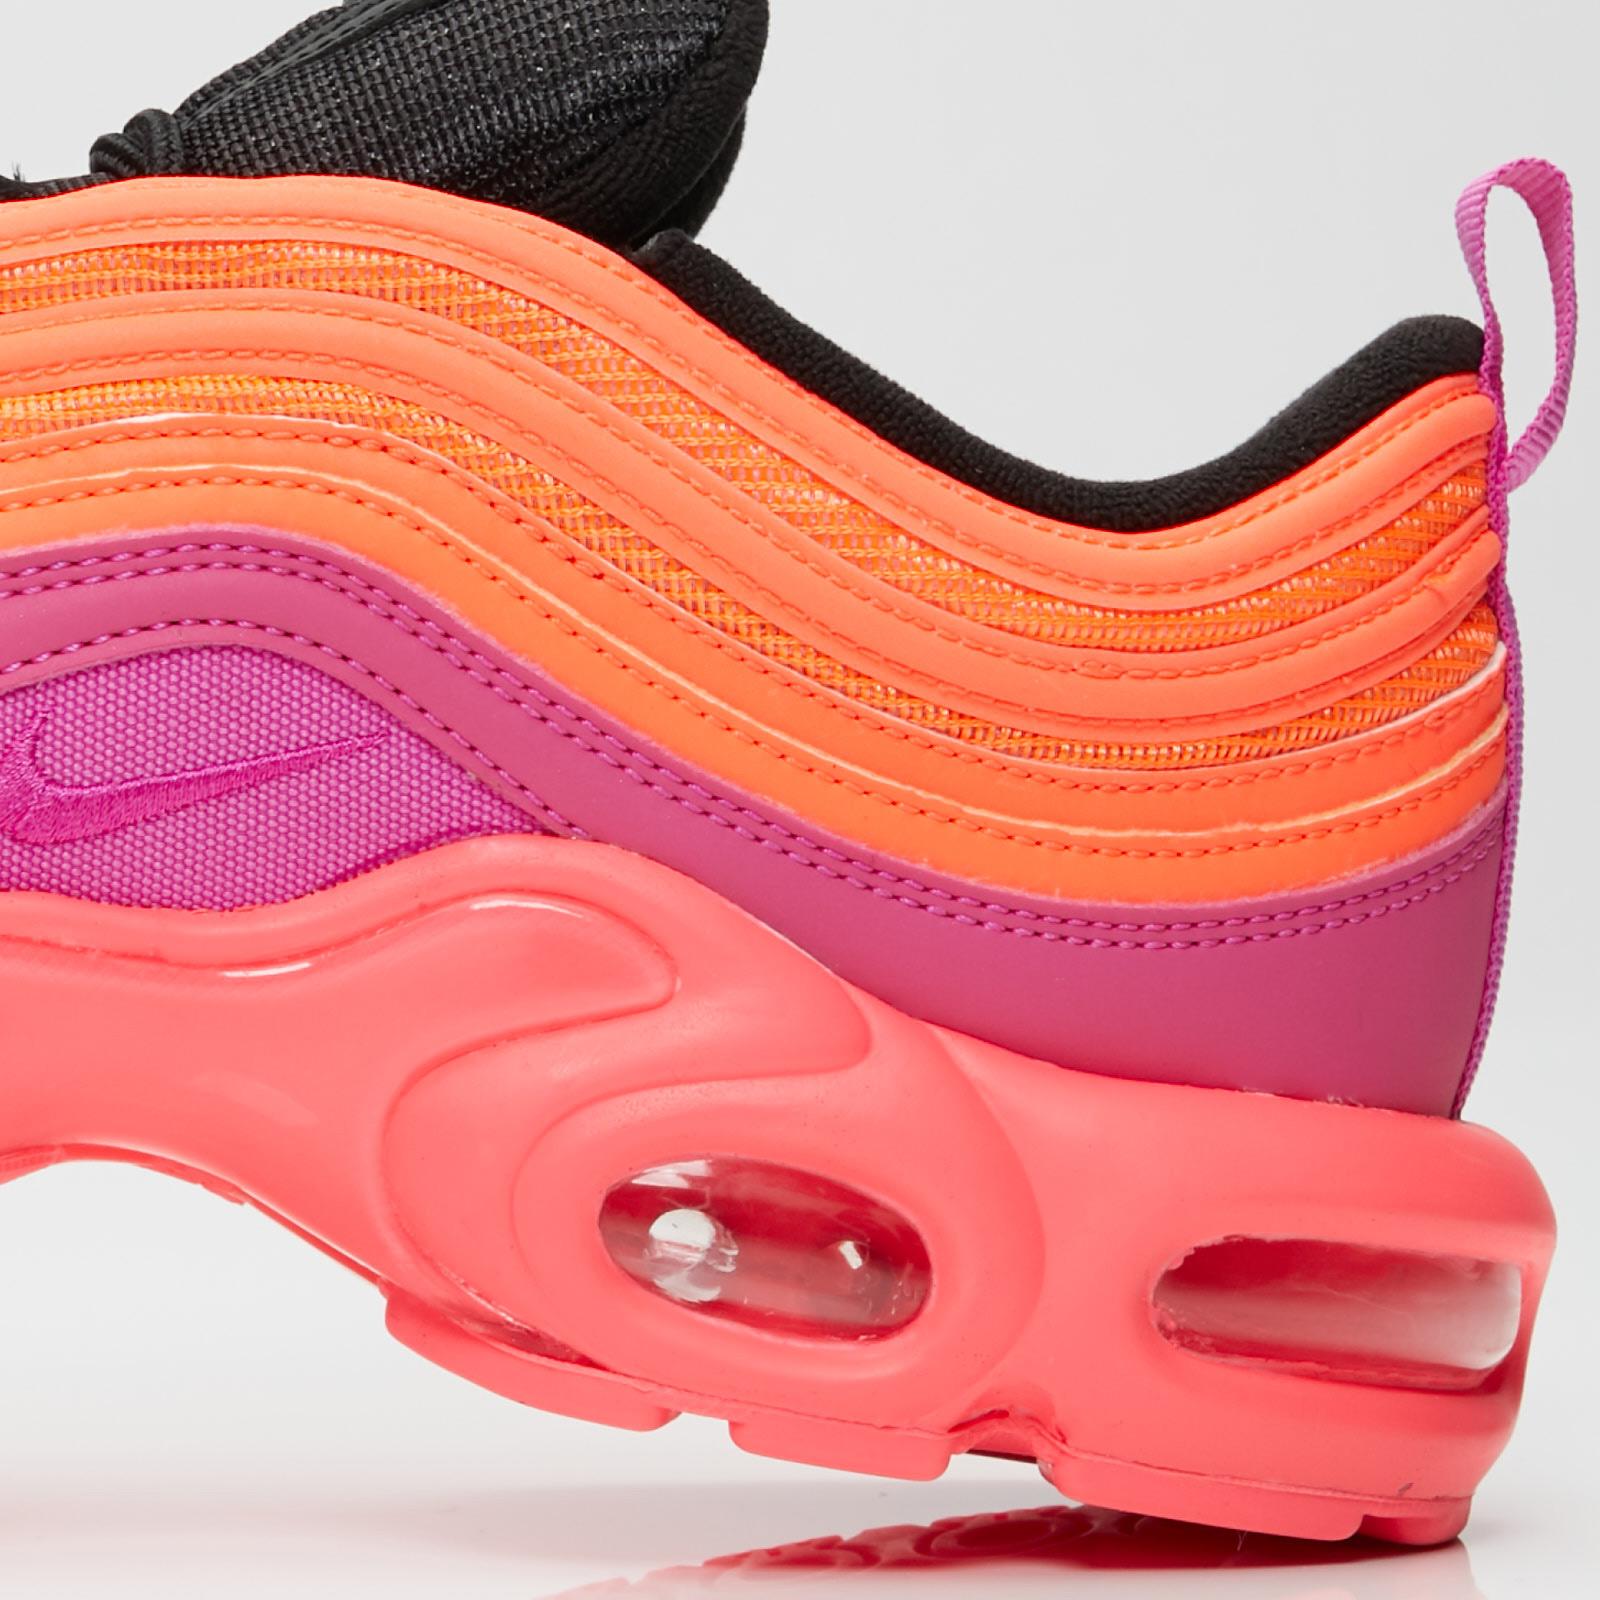 Nike Air Max Plus 97 - Ah8143-600 - Sneakersnstuff  757b0cb97